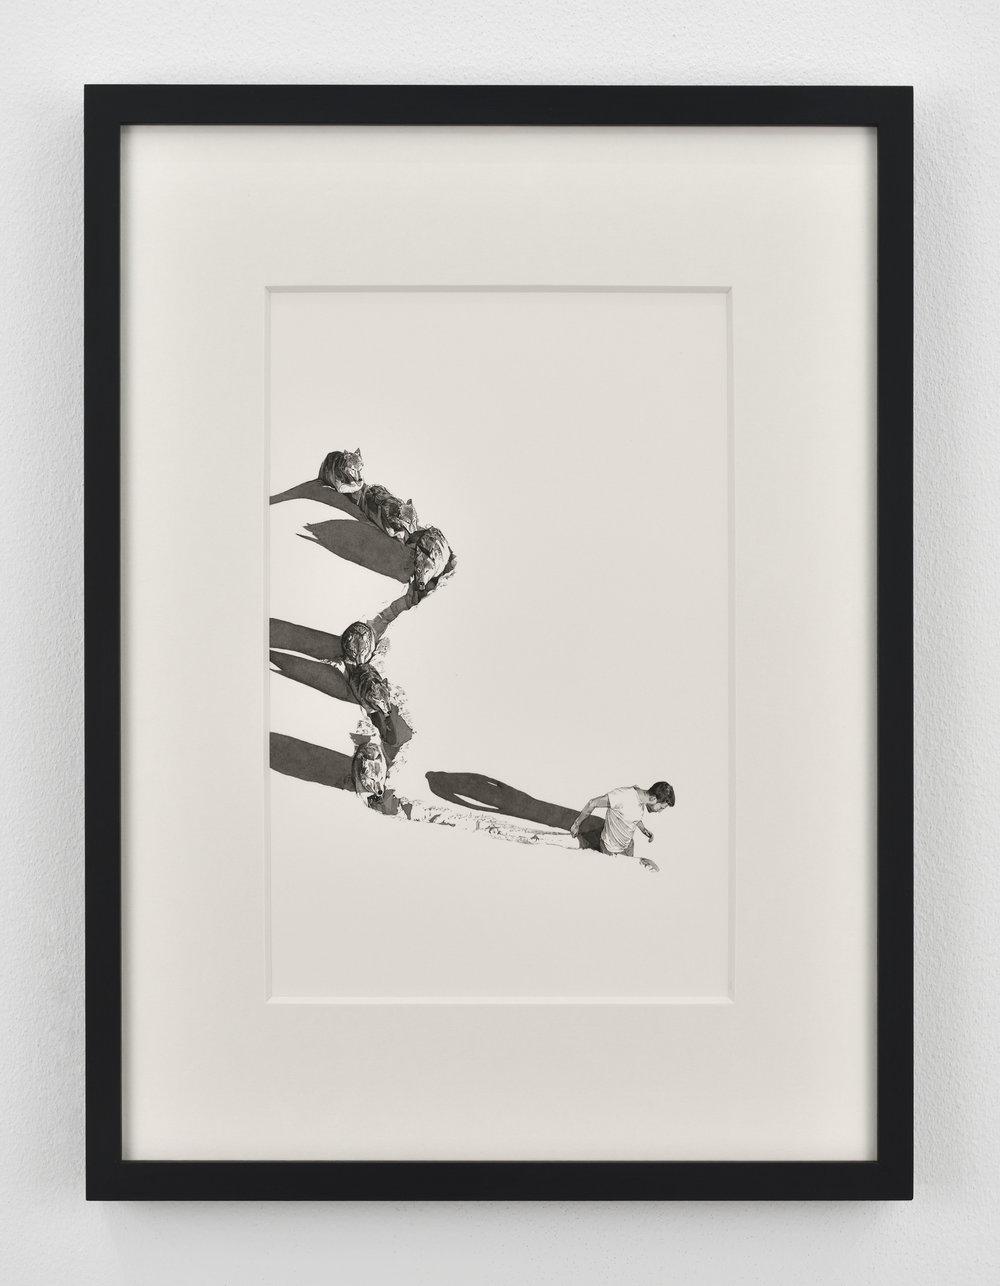 Fabien Mérelle  Jamais seul  2018 ink and watercolor on paper 21 x 29,7 cm 8 9/32 x 11 11/16 inches